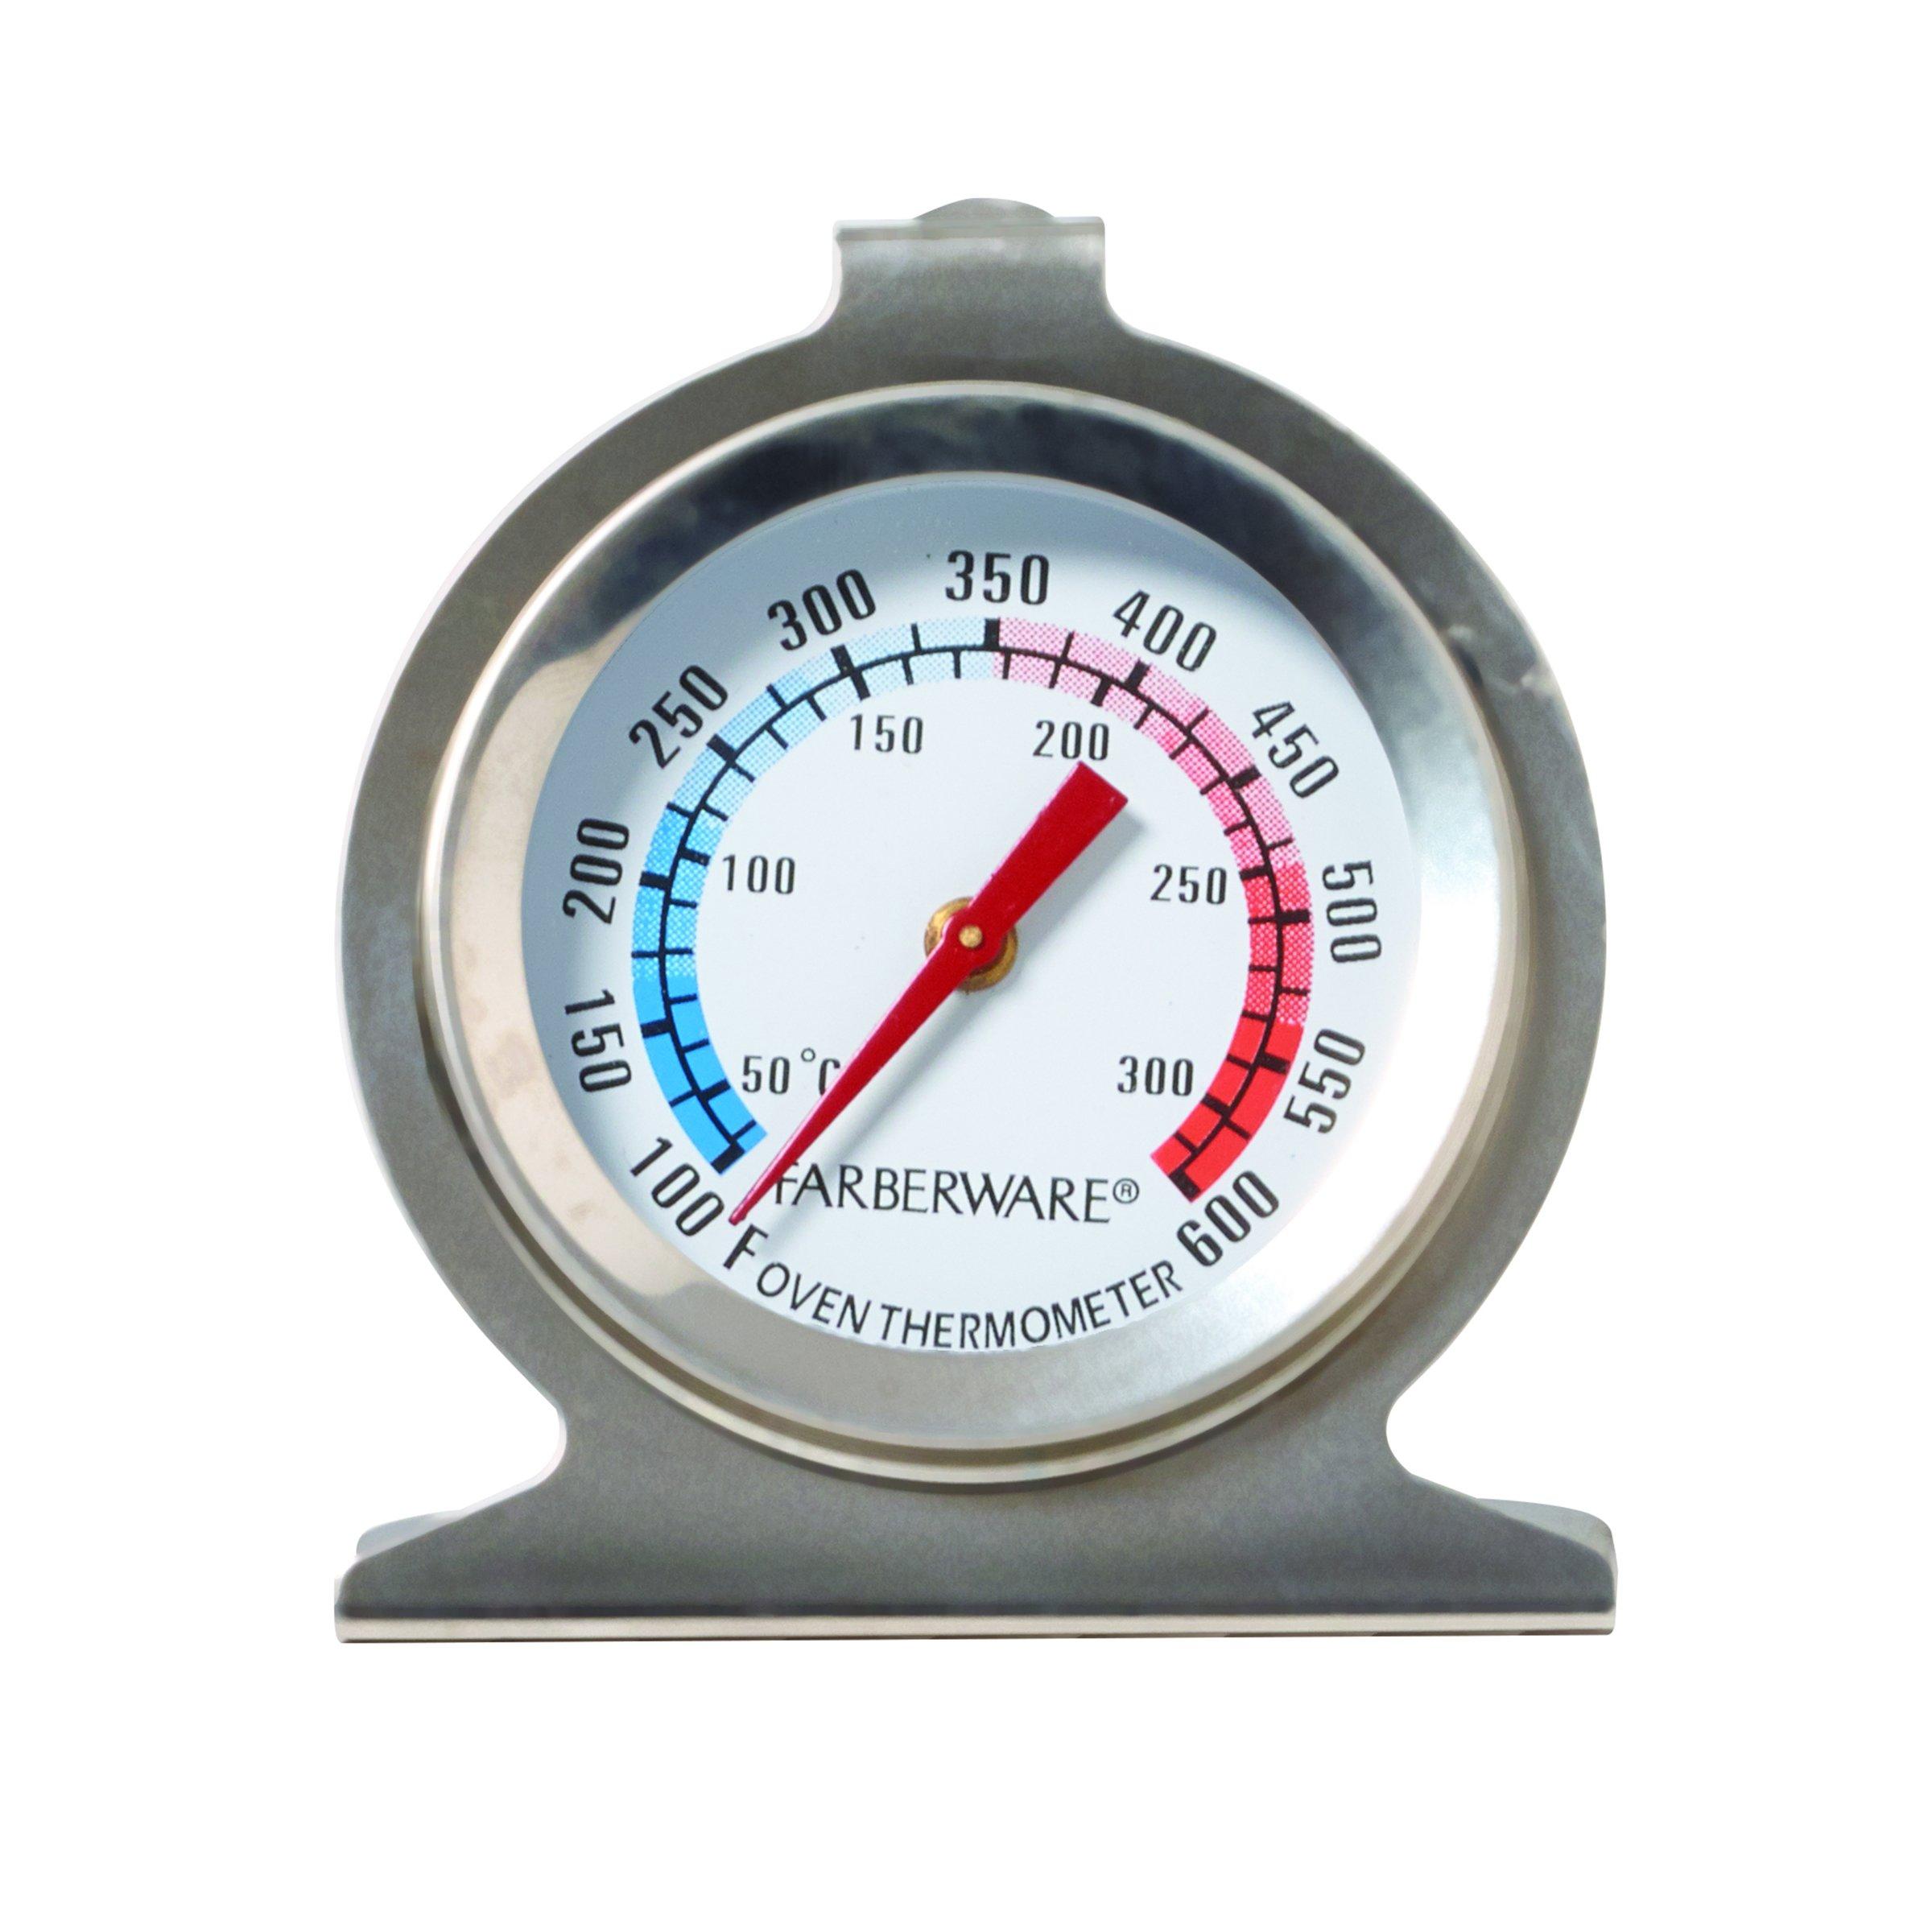 Farberware 5141019 Protek Classic Oven Thermometer, Silver